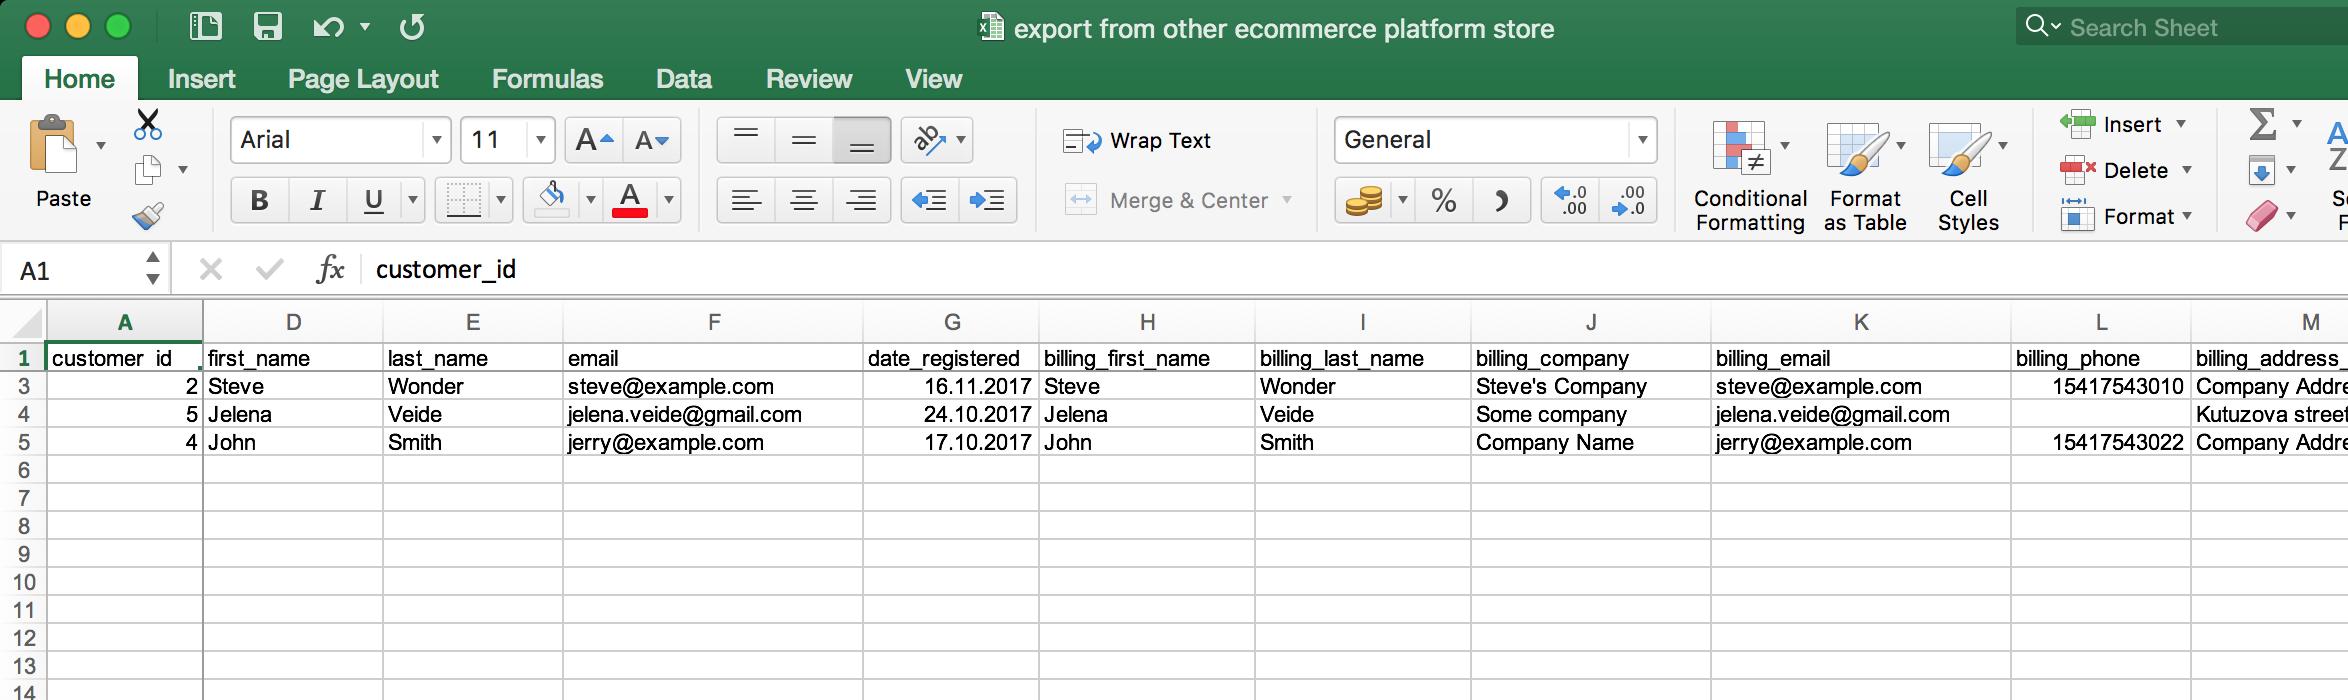 Customers' export